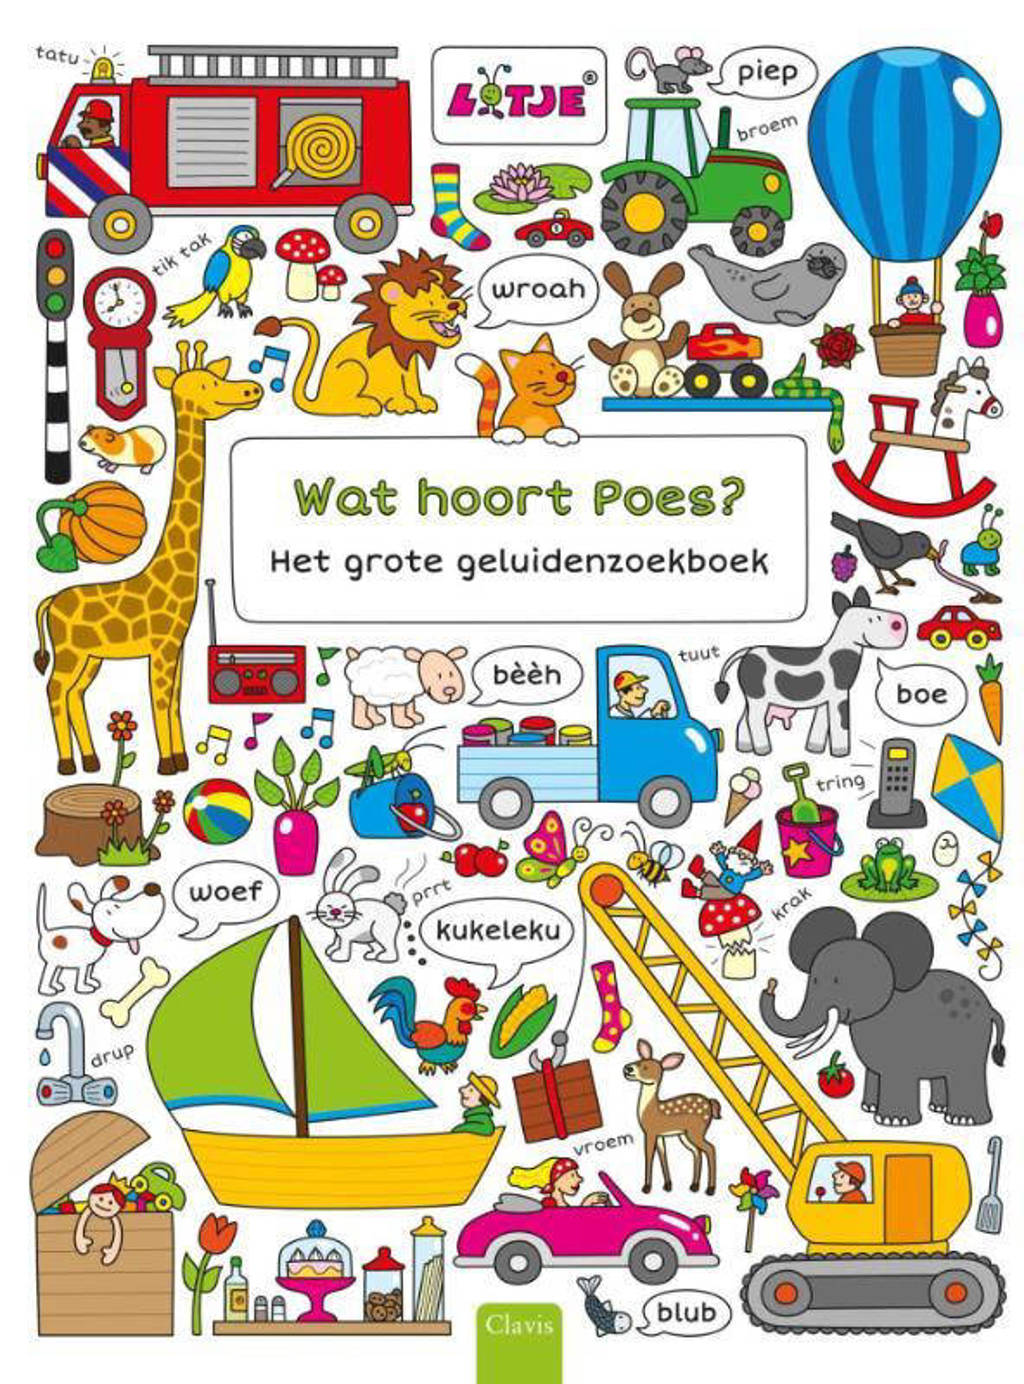 Wat hoort Poes? Het grote geluidenzoekboek - Lizelot Versteeg